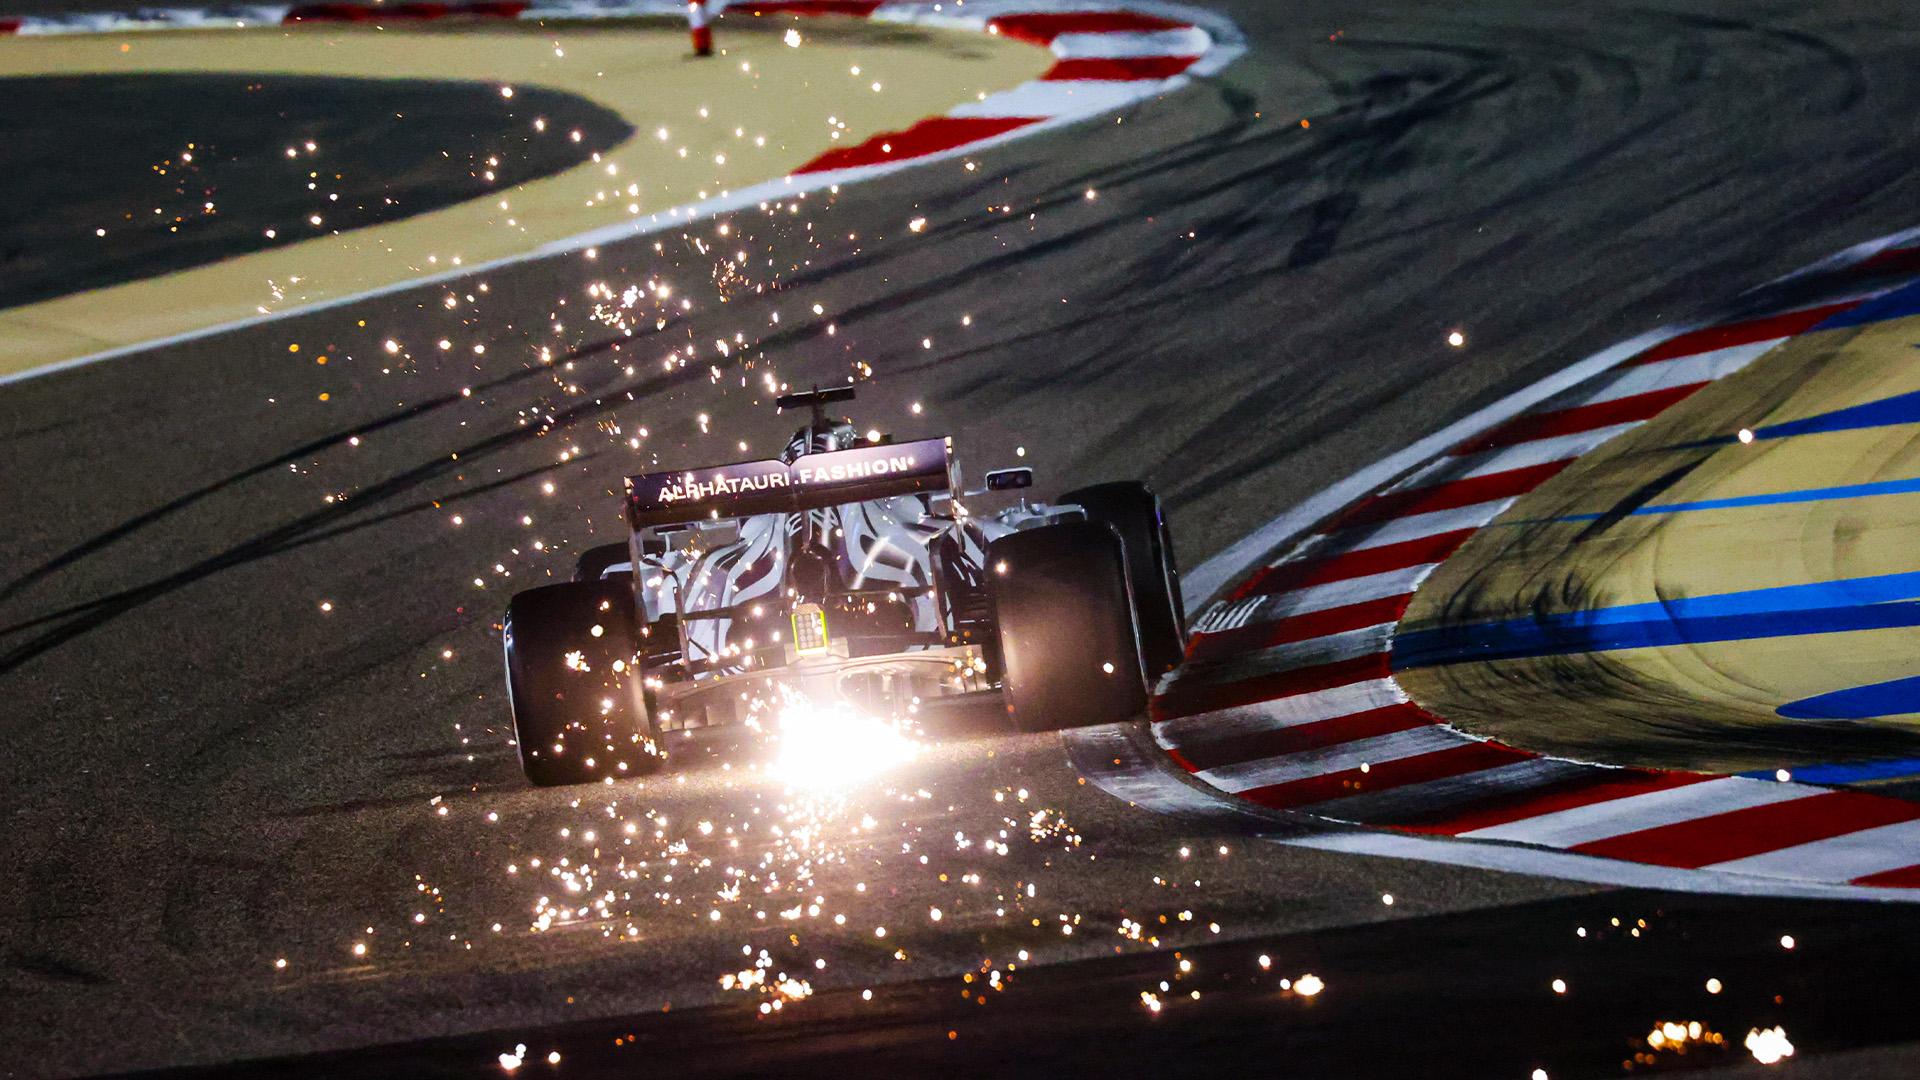 Daniil Kvyat during qualifying for the 2020 F1 Sakhir Grand Prix